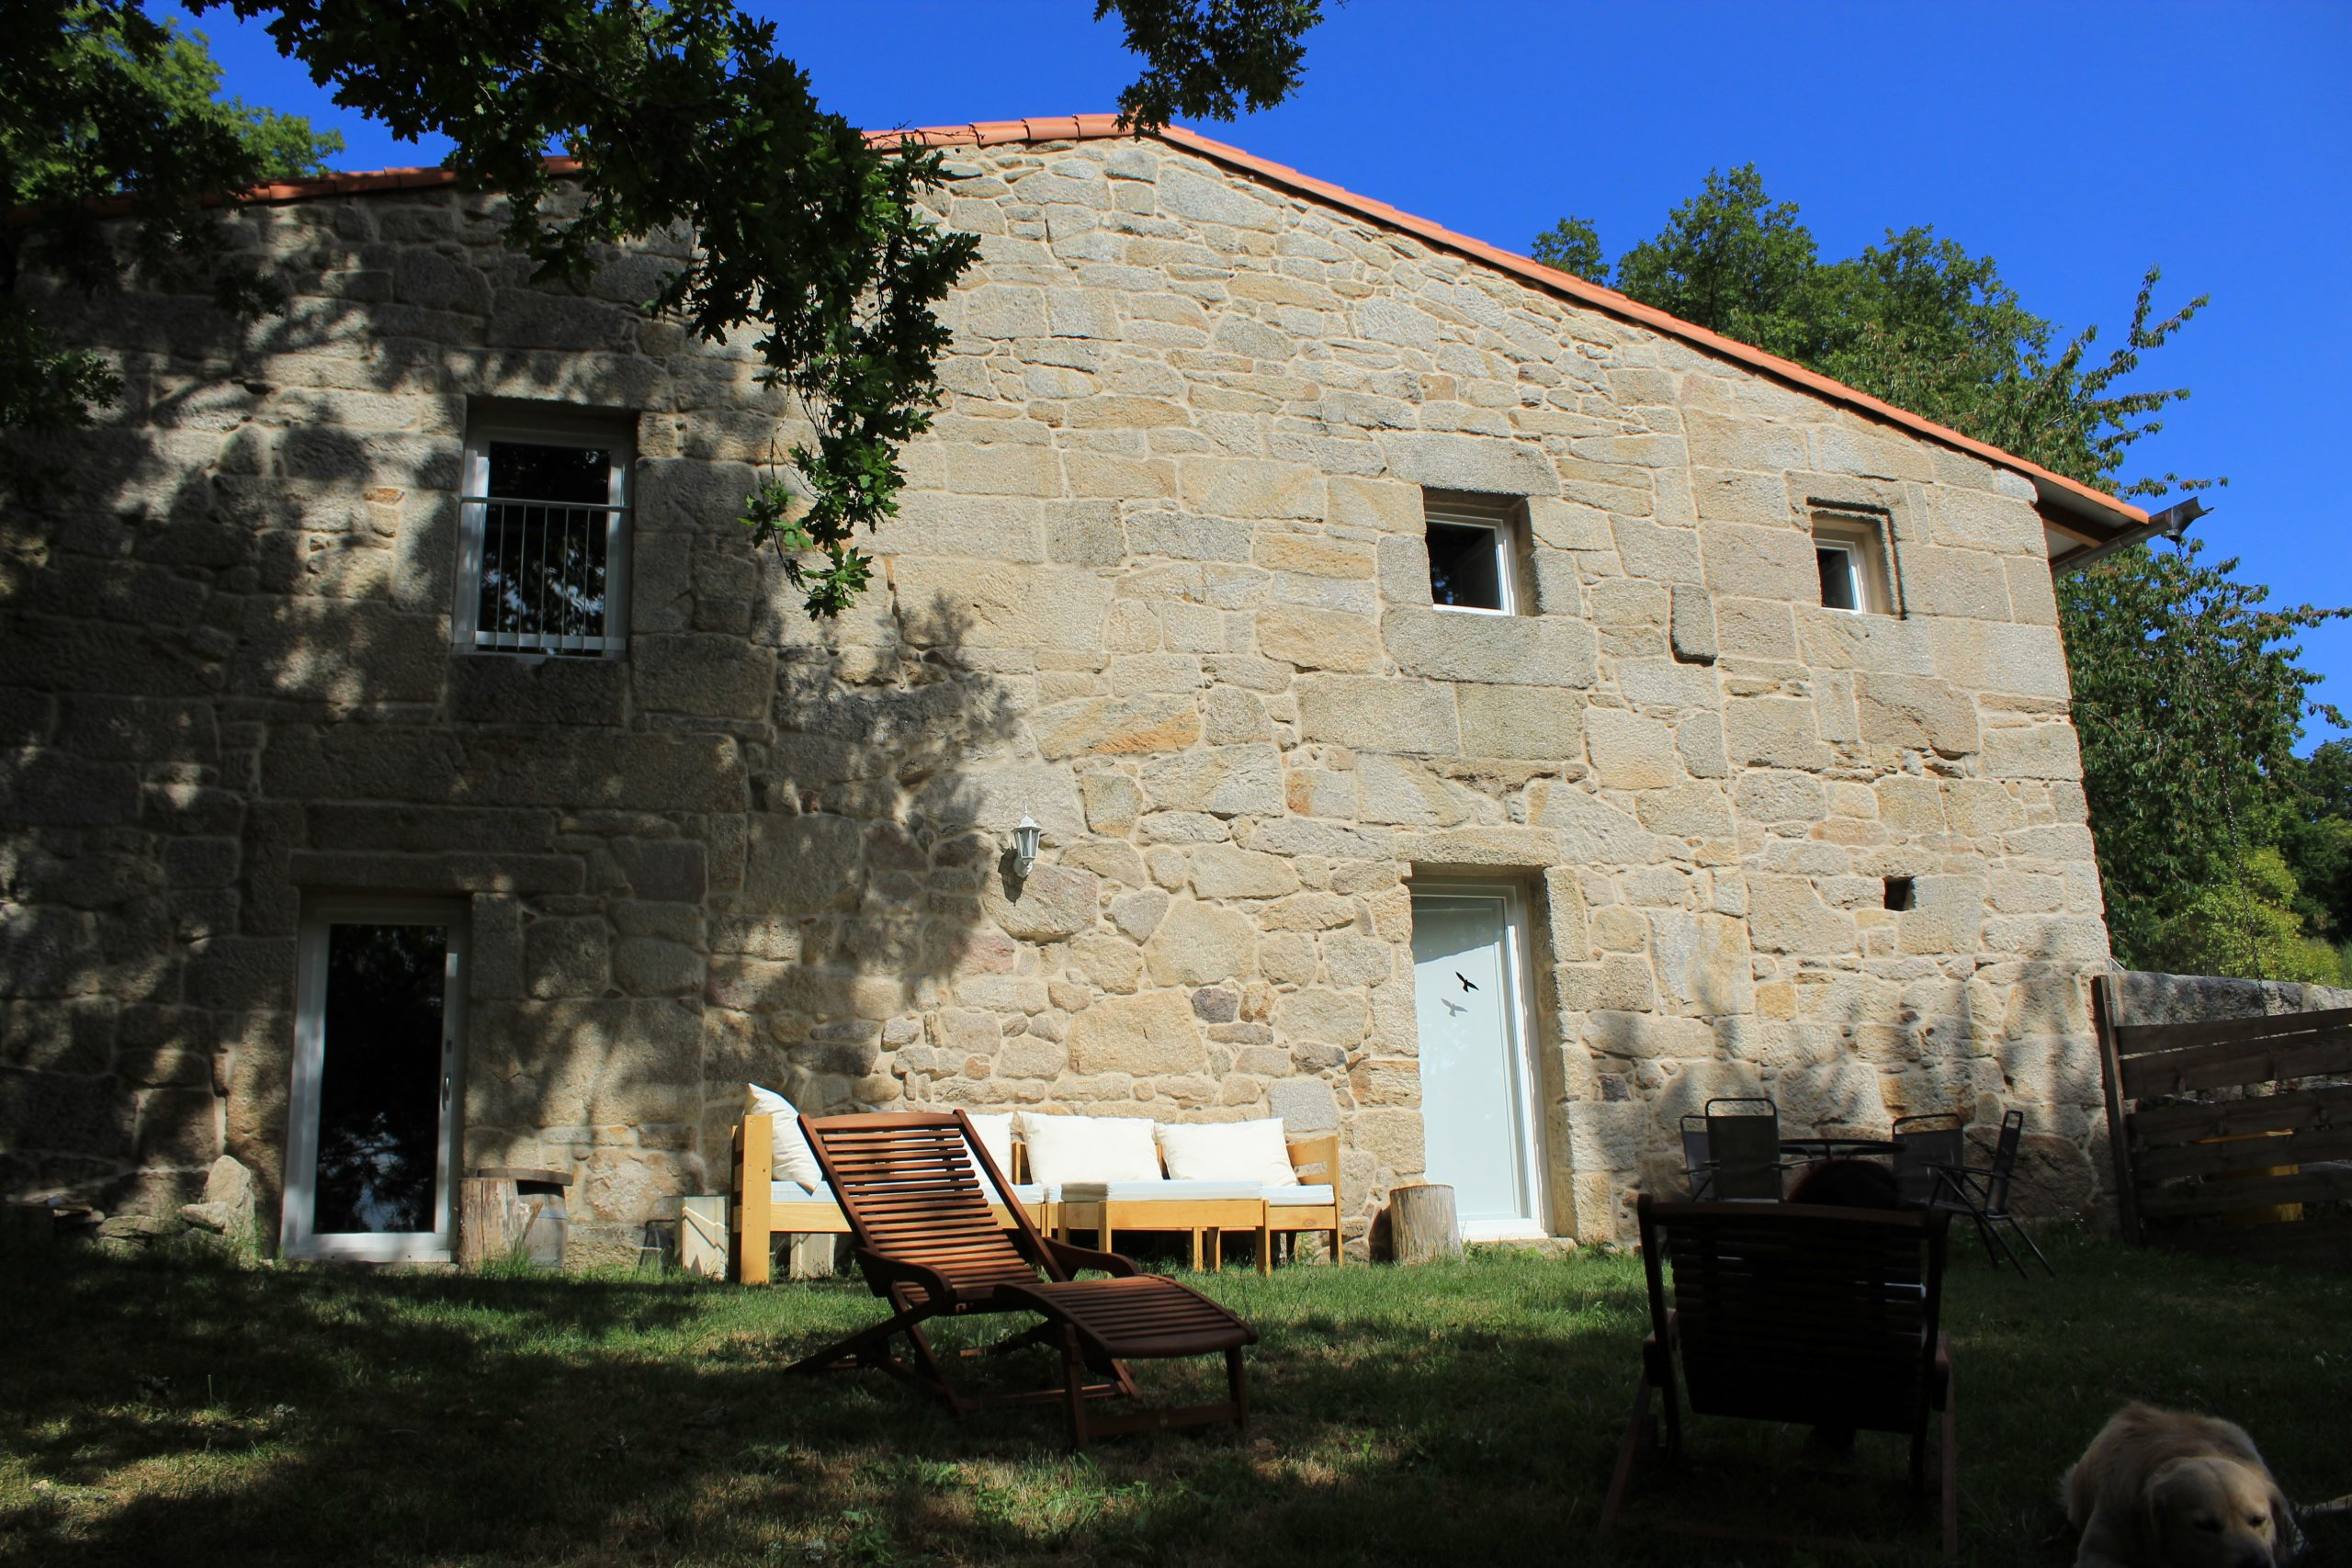 Casa do Mosteiro. Espacios comunes. Paz en el jardín de verano.